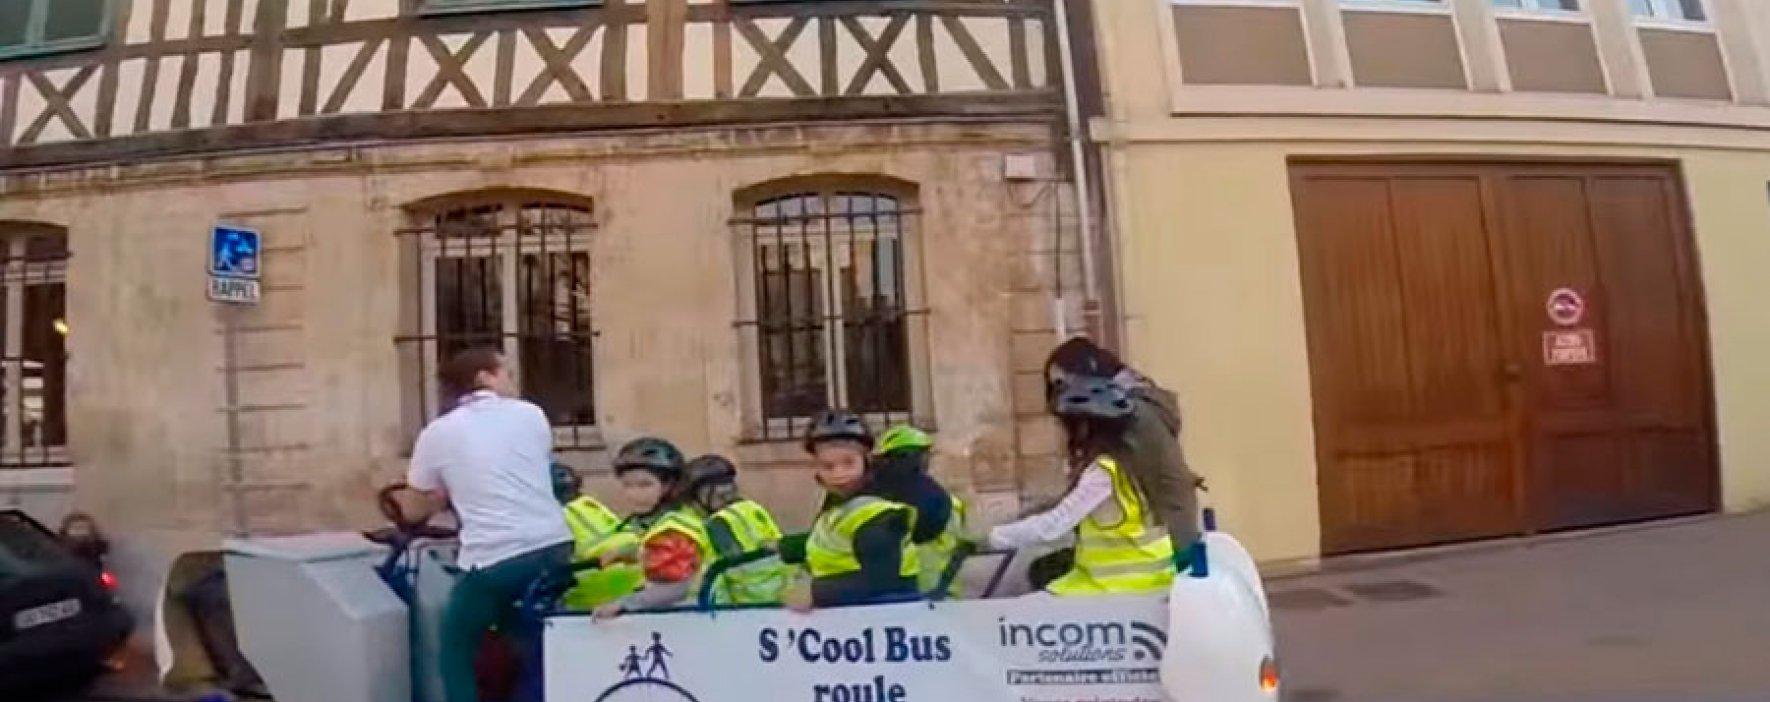 S'Cool Bus, la nueva forma de ir al colegio